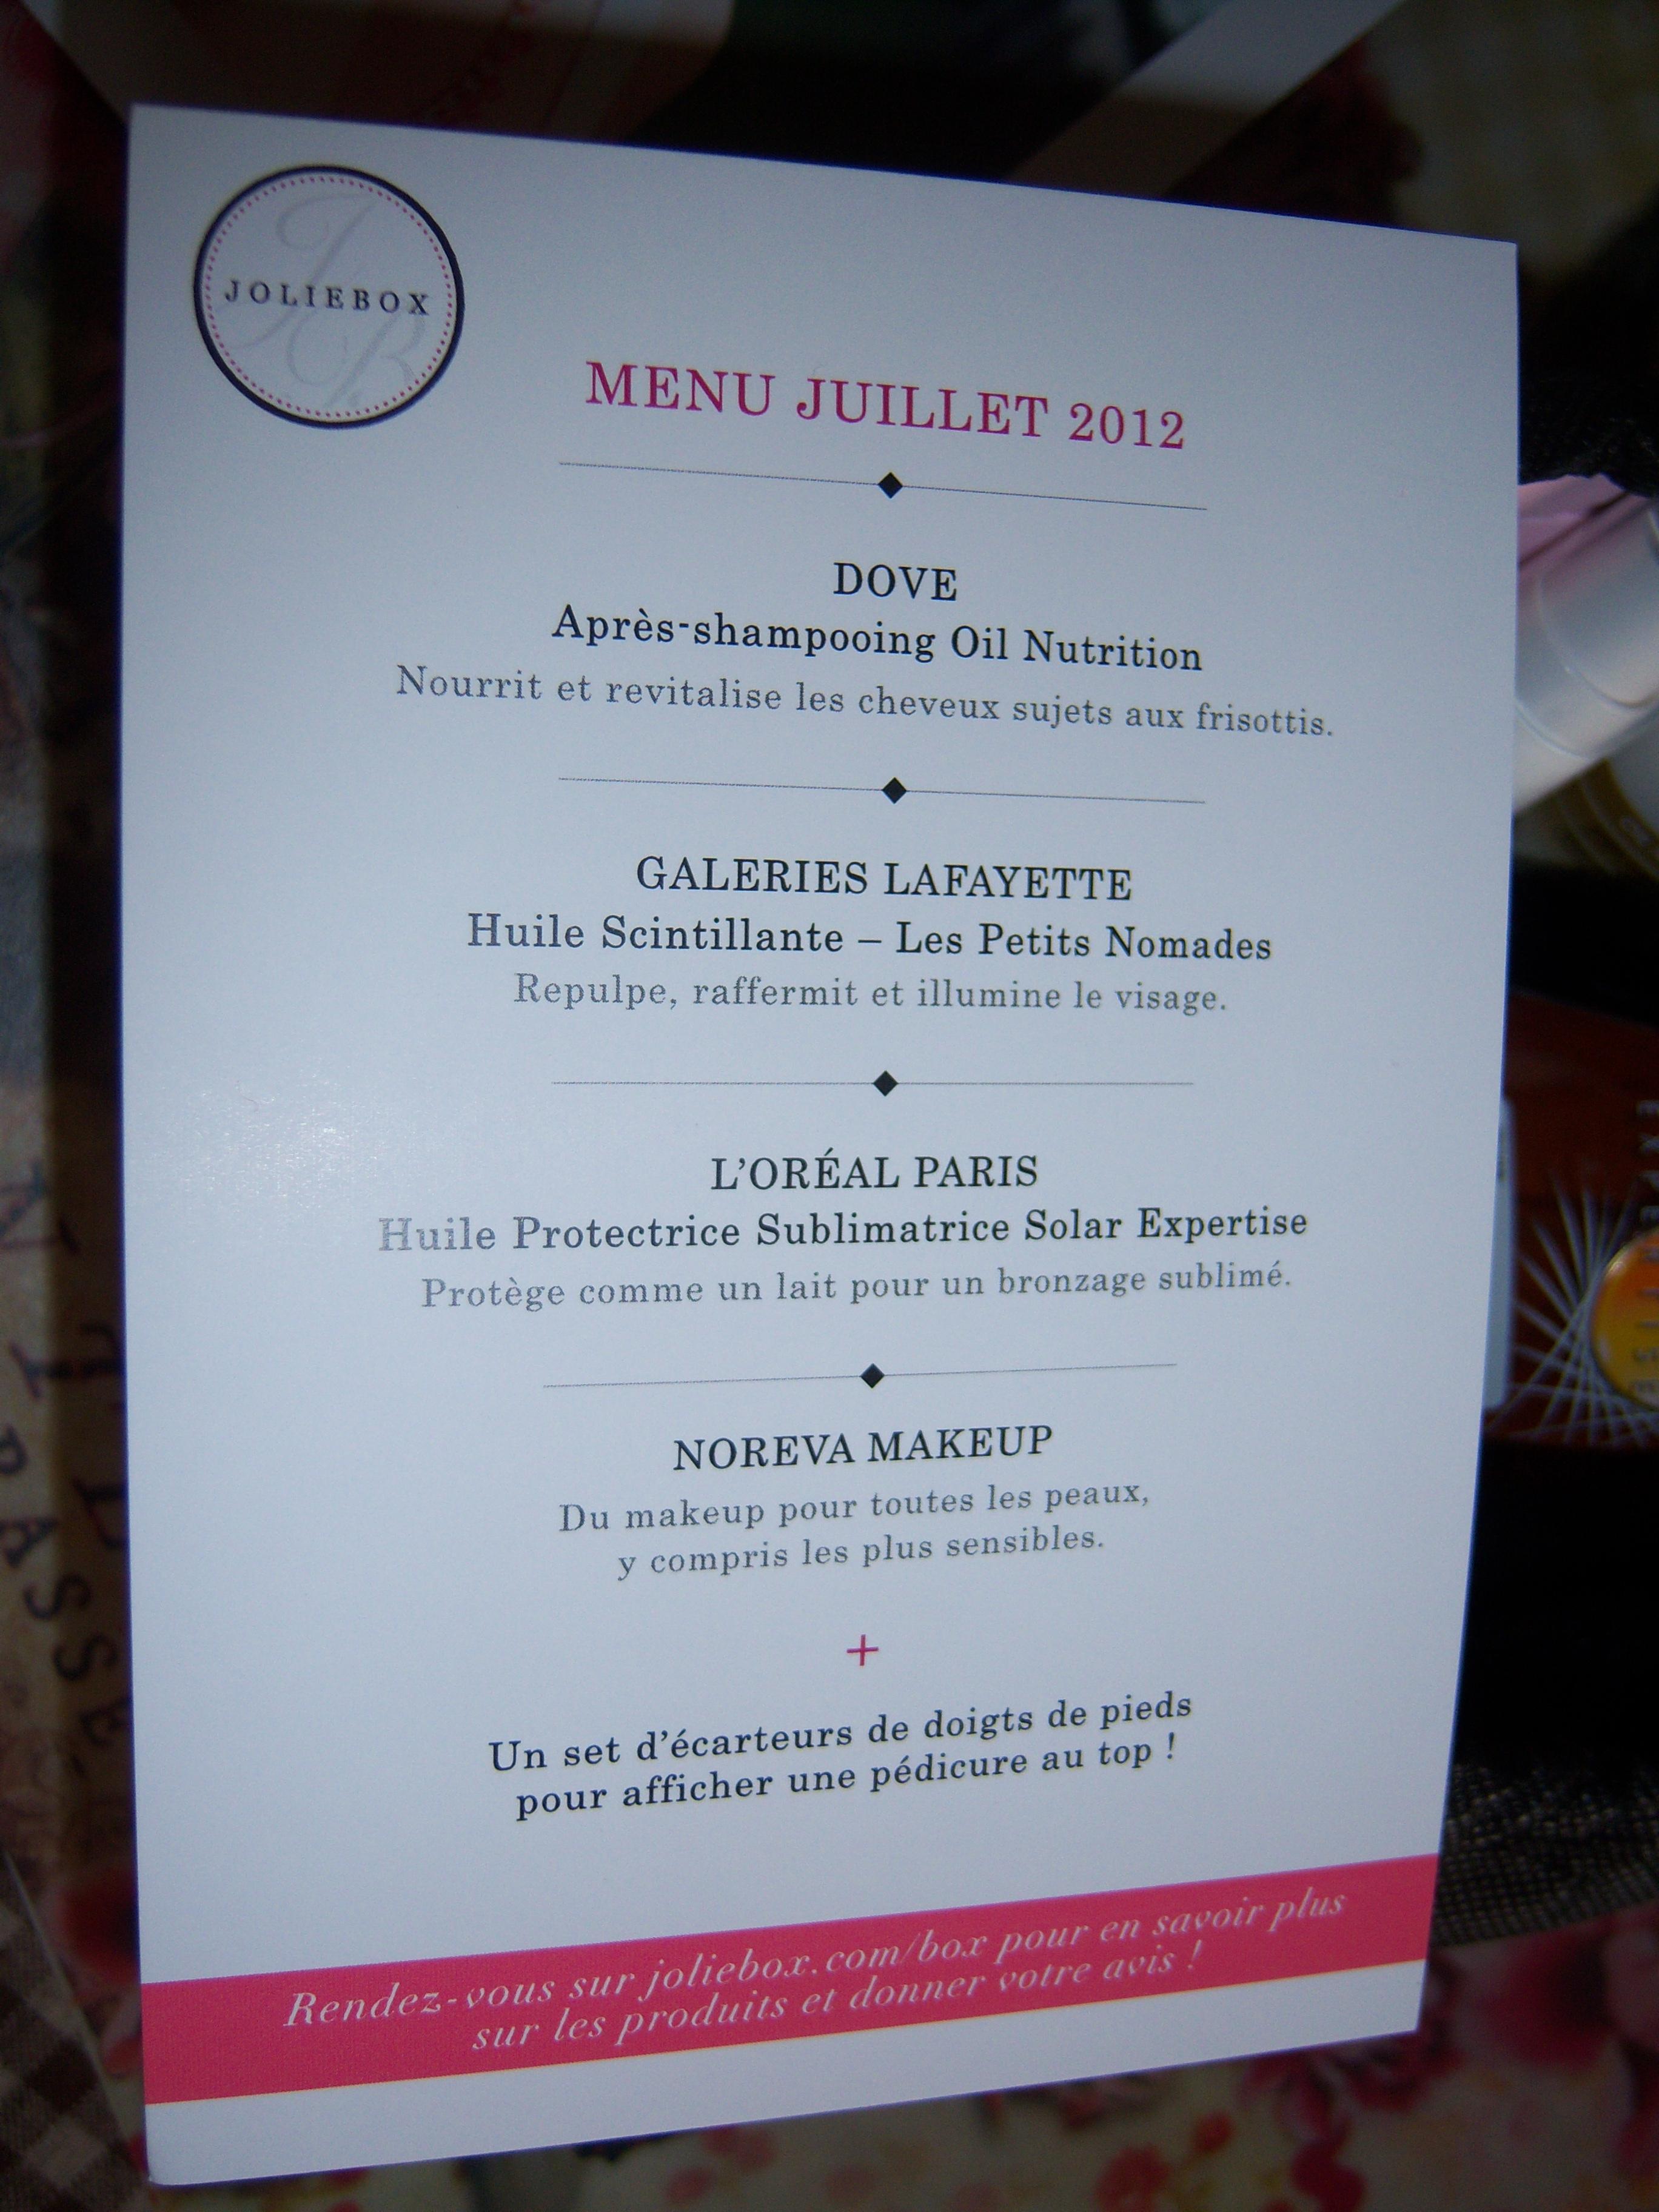 *** Le menu de la JolieBox de juillet ***